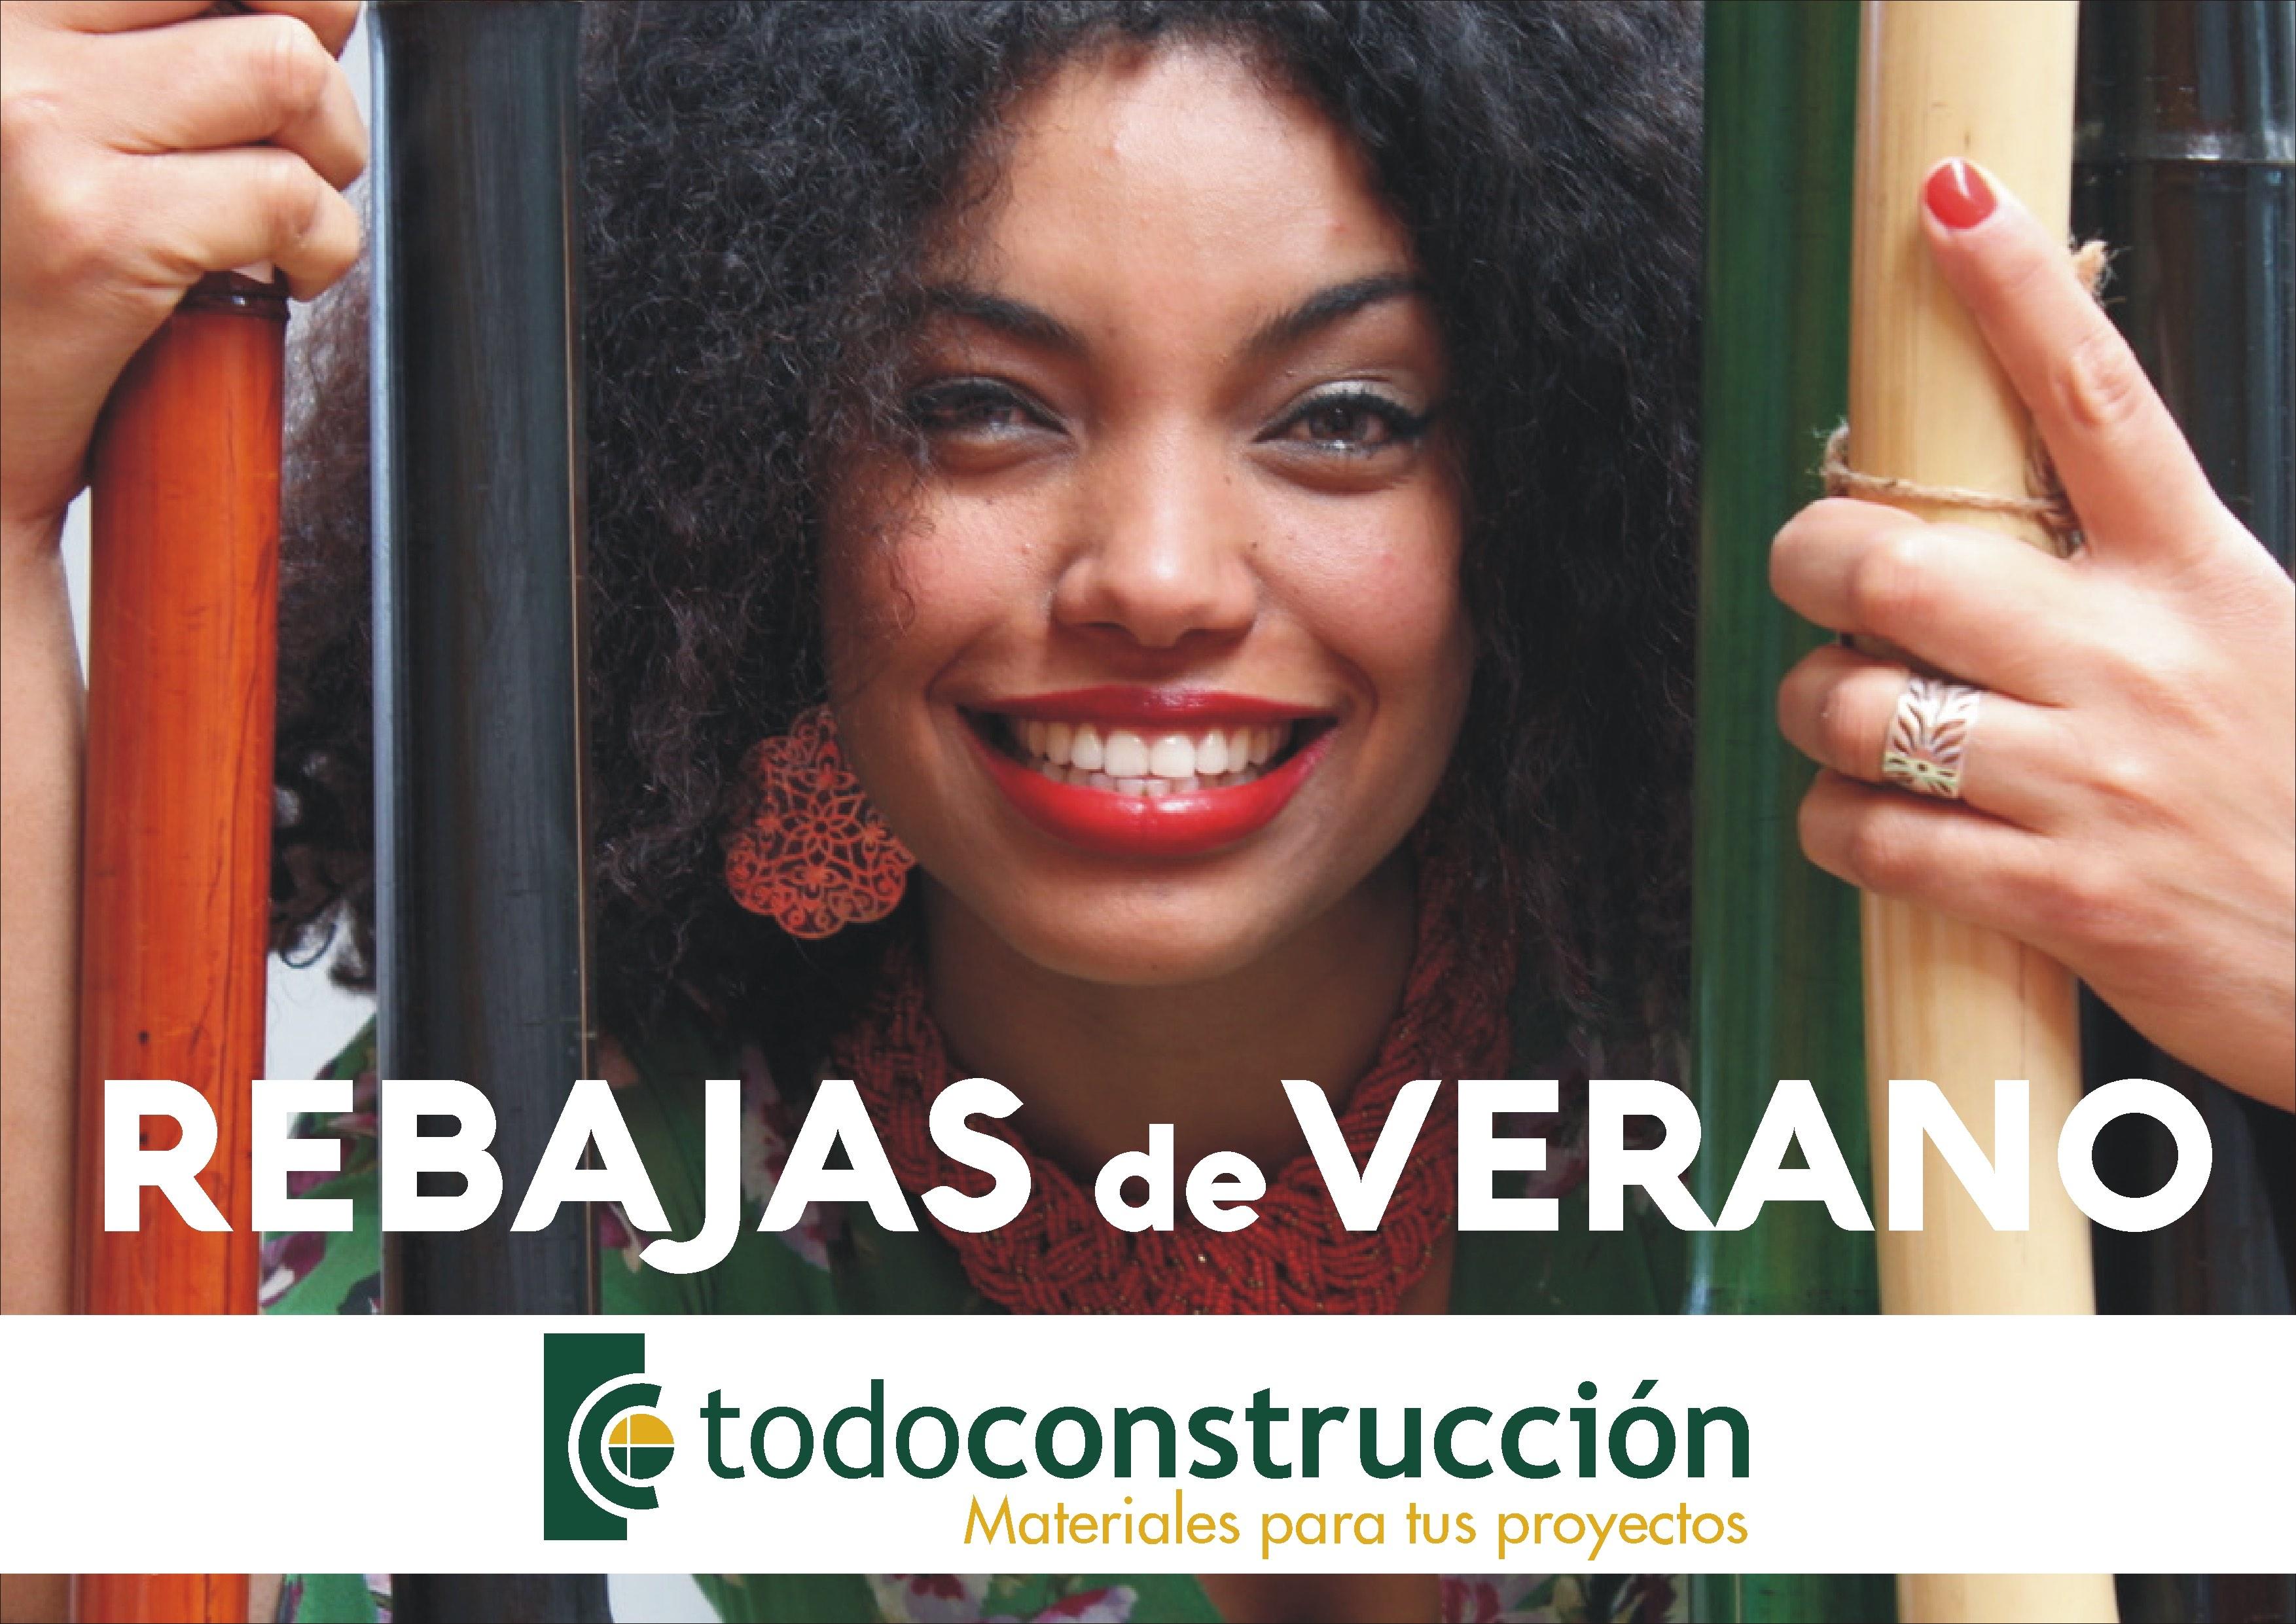 REBAJAS DE VERANO TODOCONSTRUCCIÓN